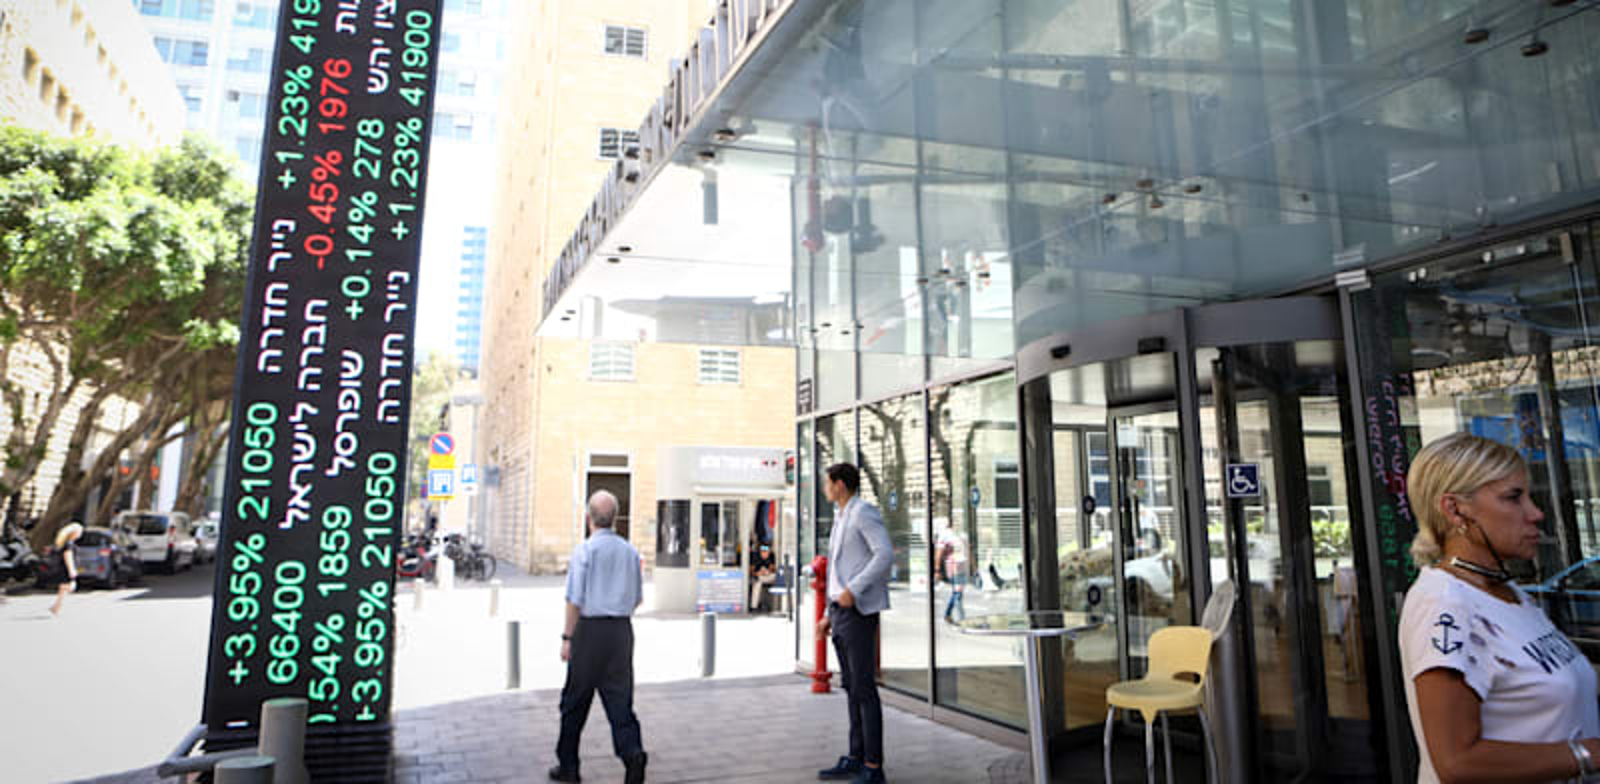 הבורסה בתל אביב / צילום: שלומי יוסף